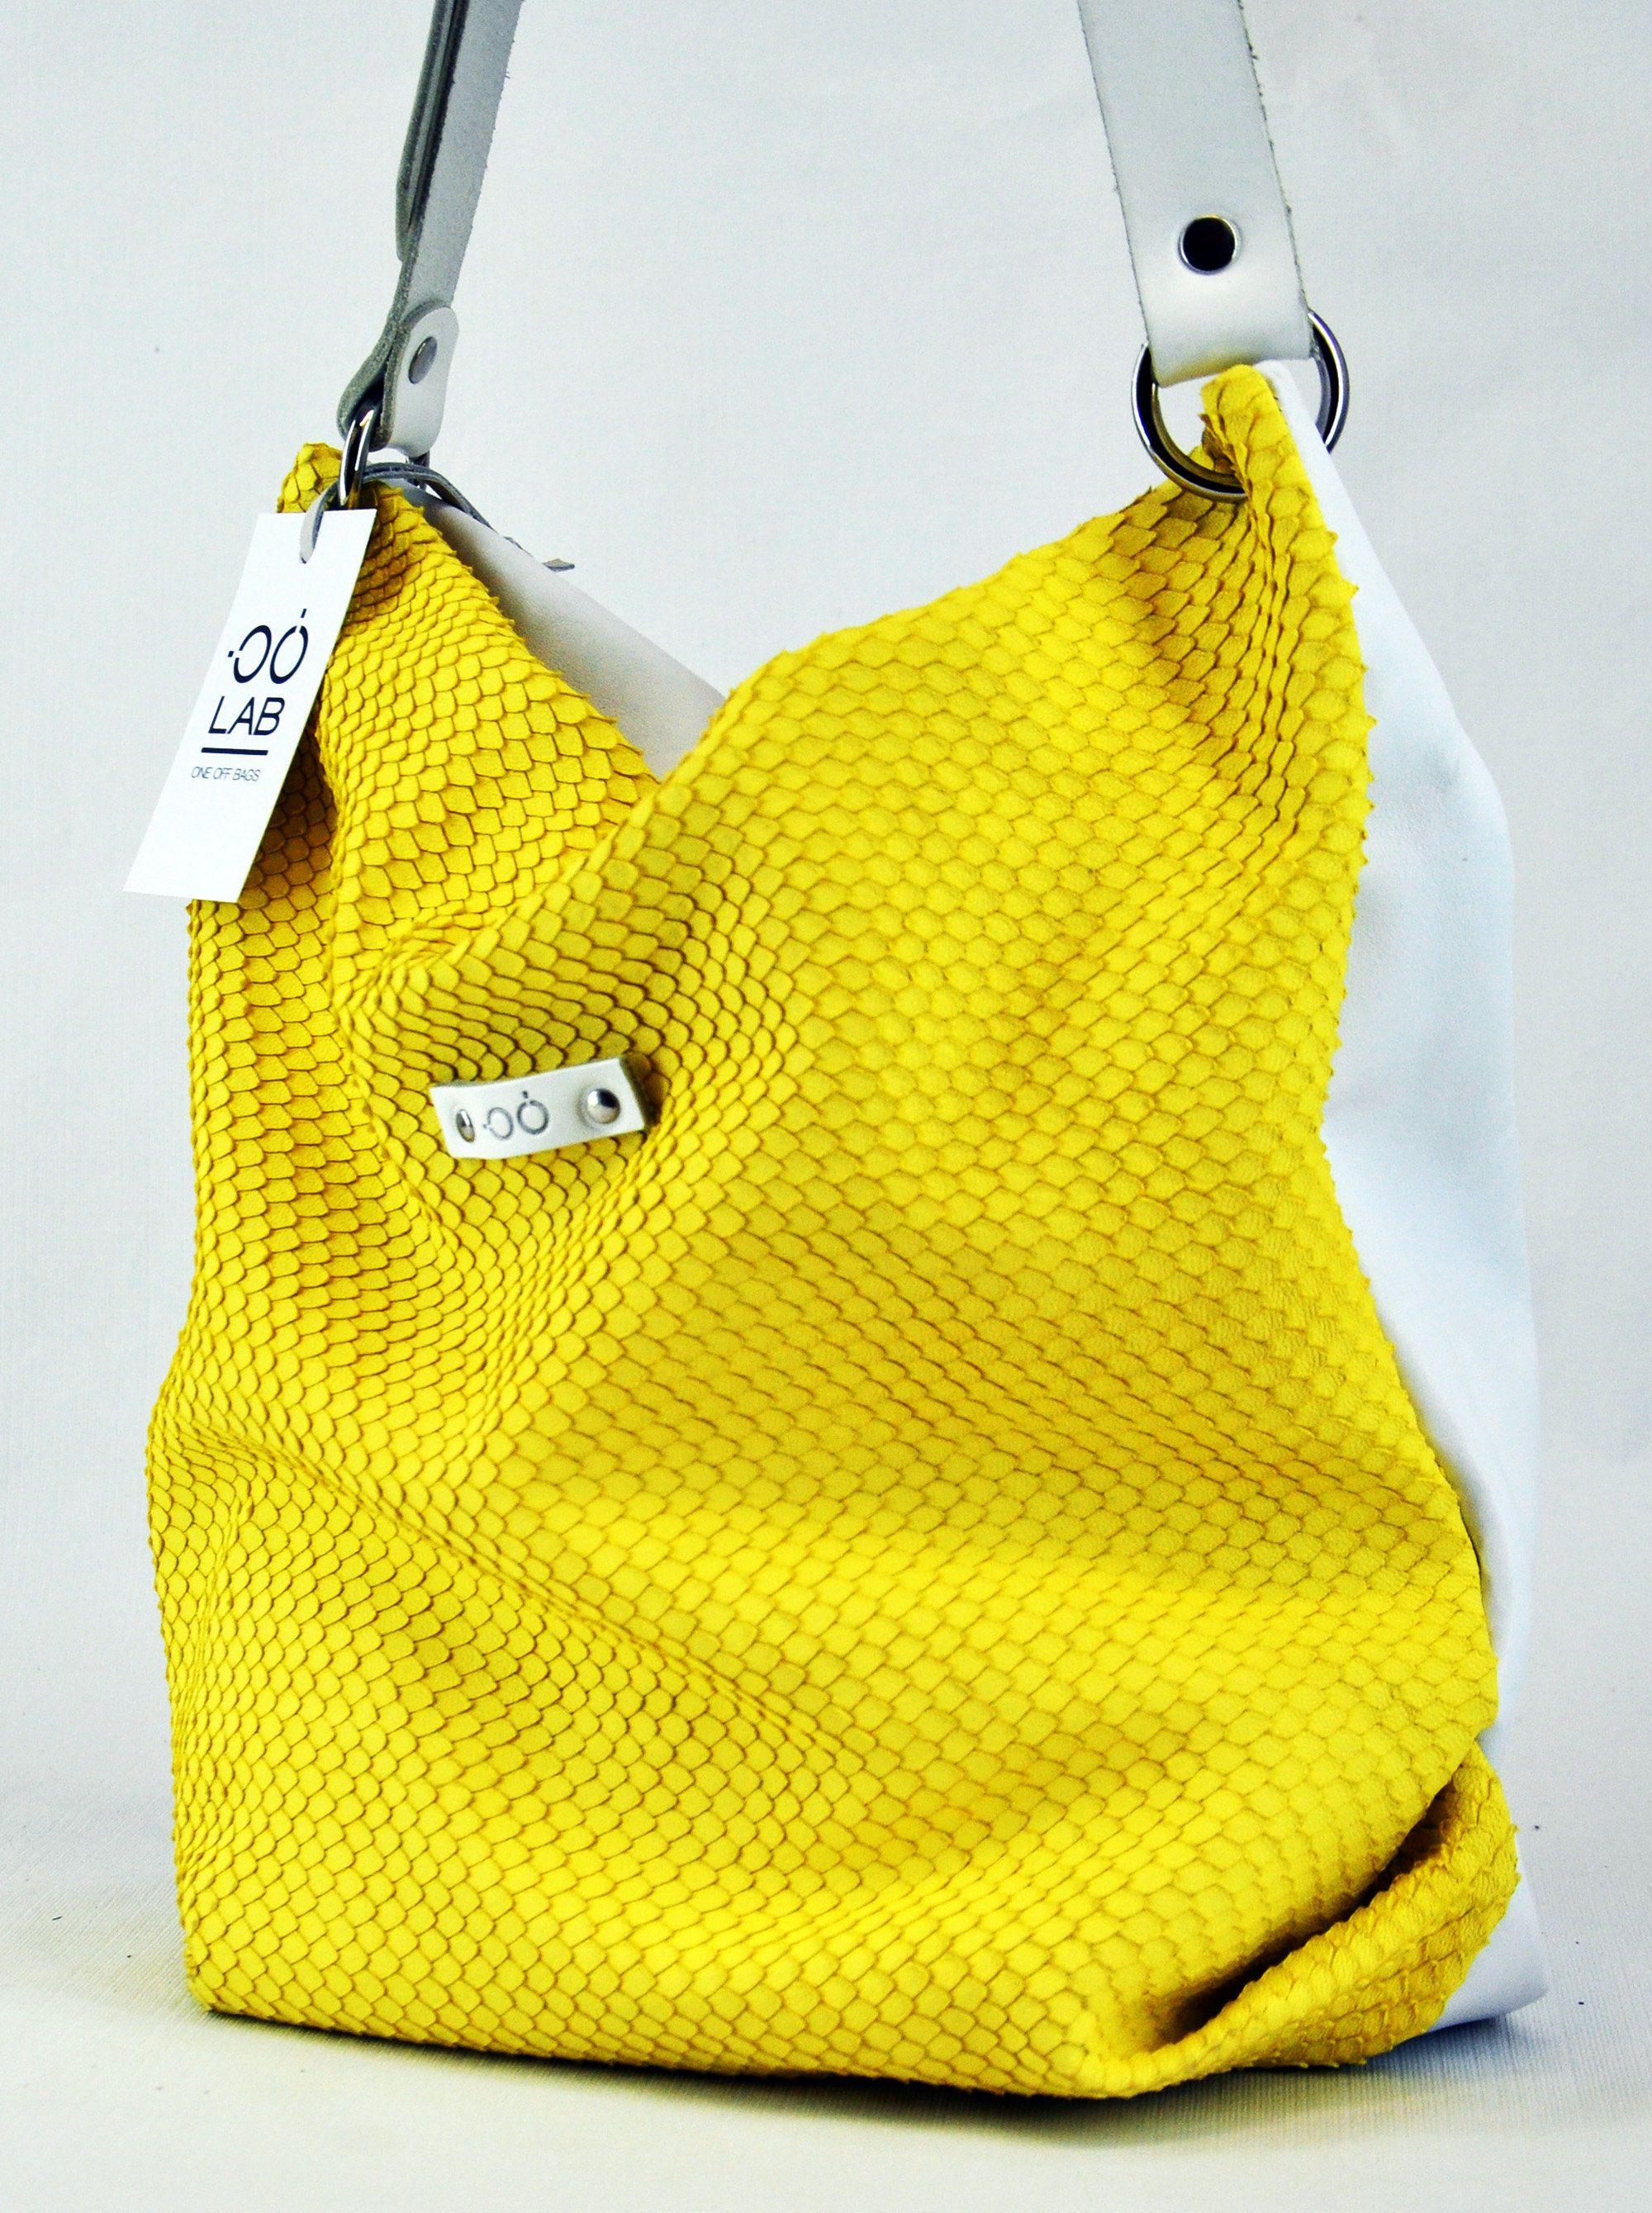 Photo of Borsa da donna,borsa a tracolla, borsa di pelle artigianale,borsa di pelle fatta a mano,handcrafted